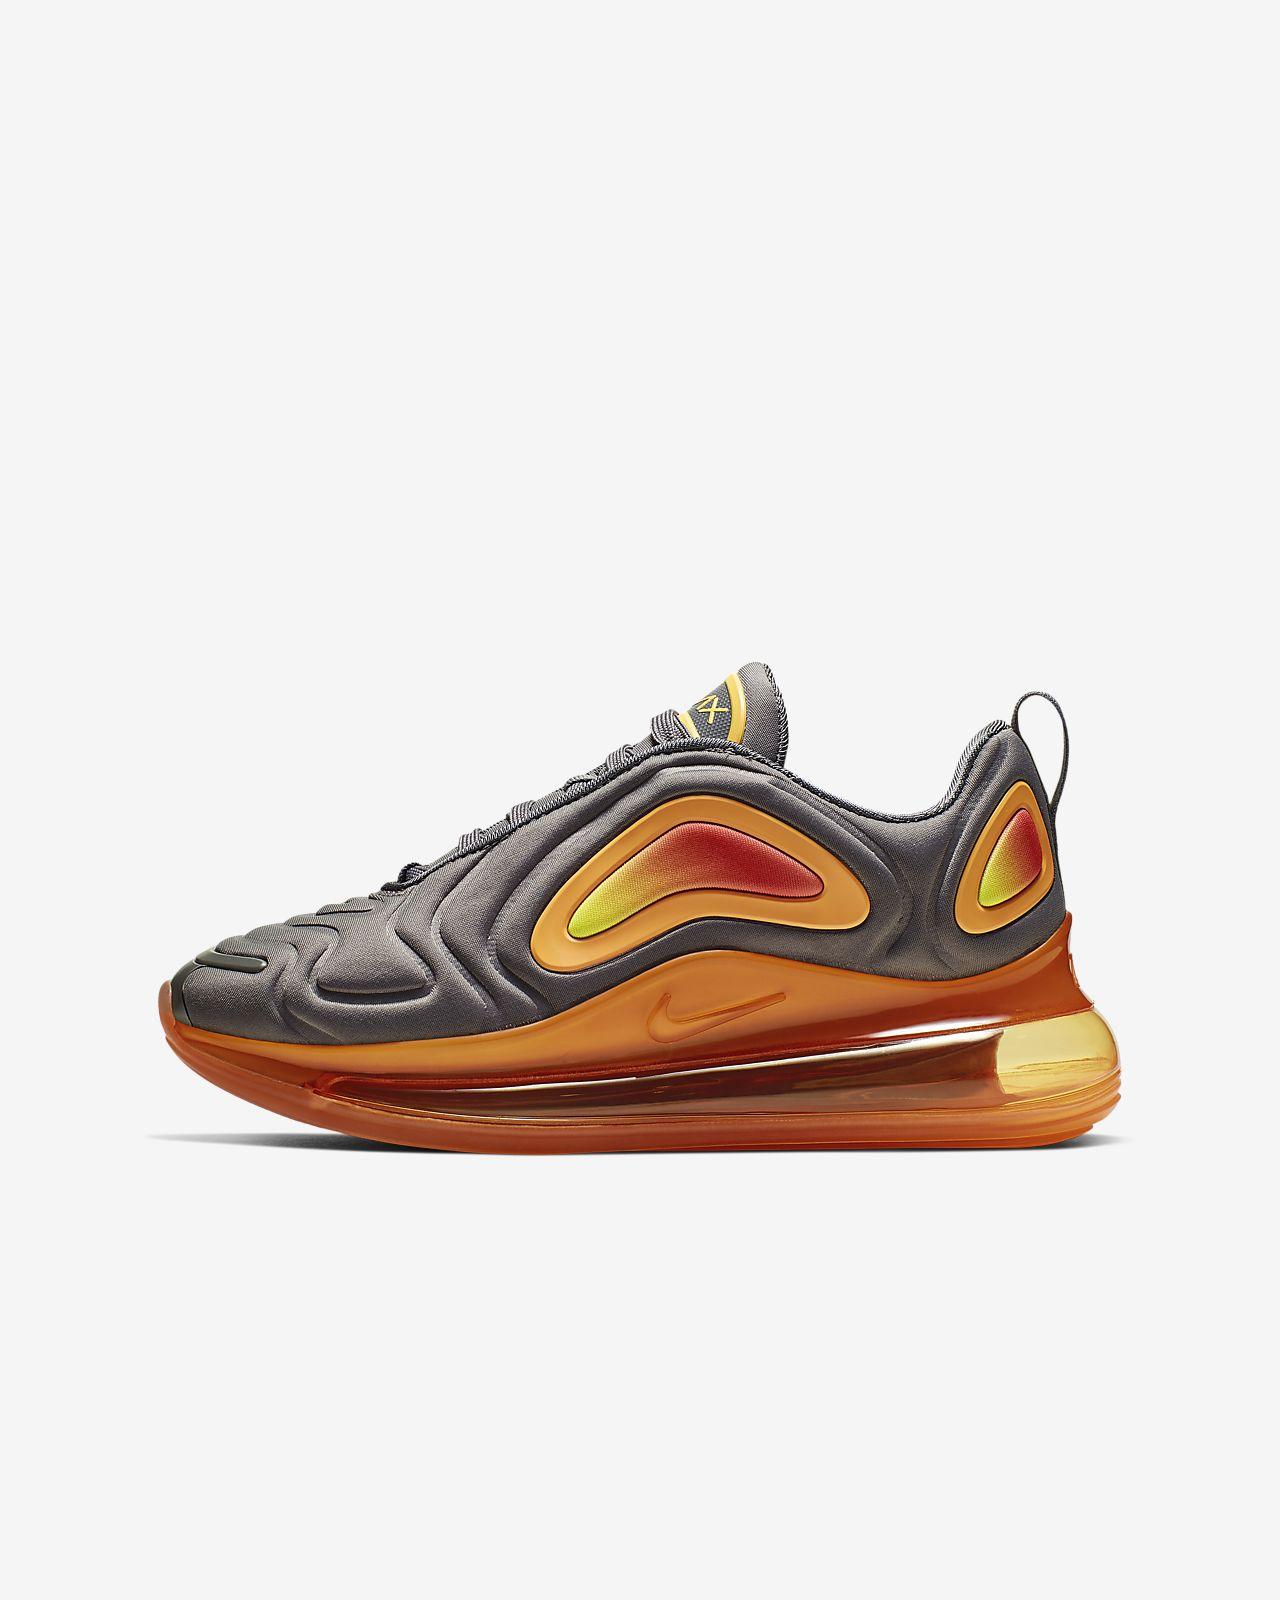 Nike Air Max 720 Game Change Zapatillas - Niño/a y niño/a pequeño/a